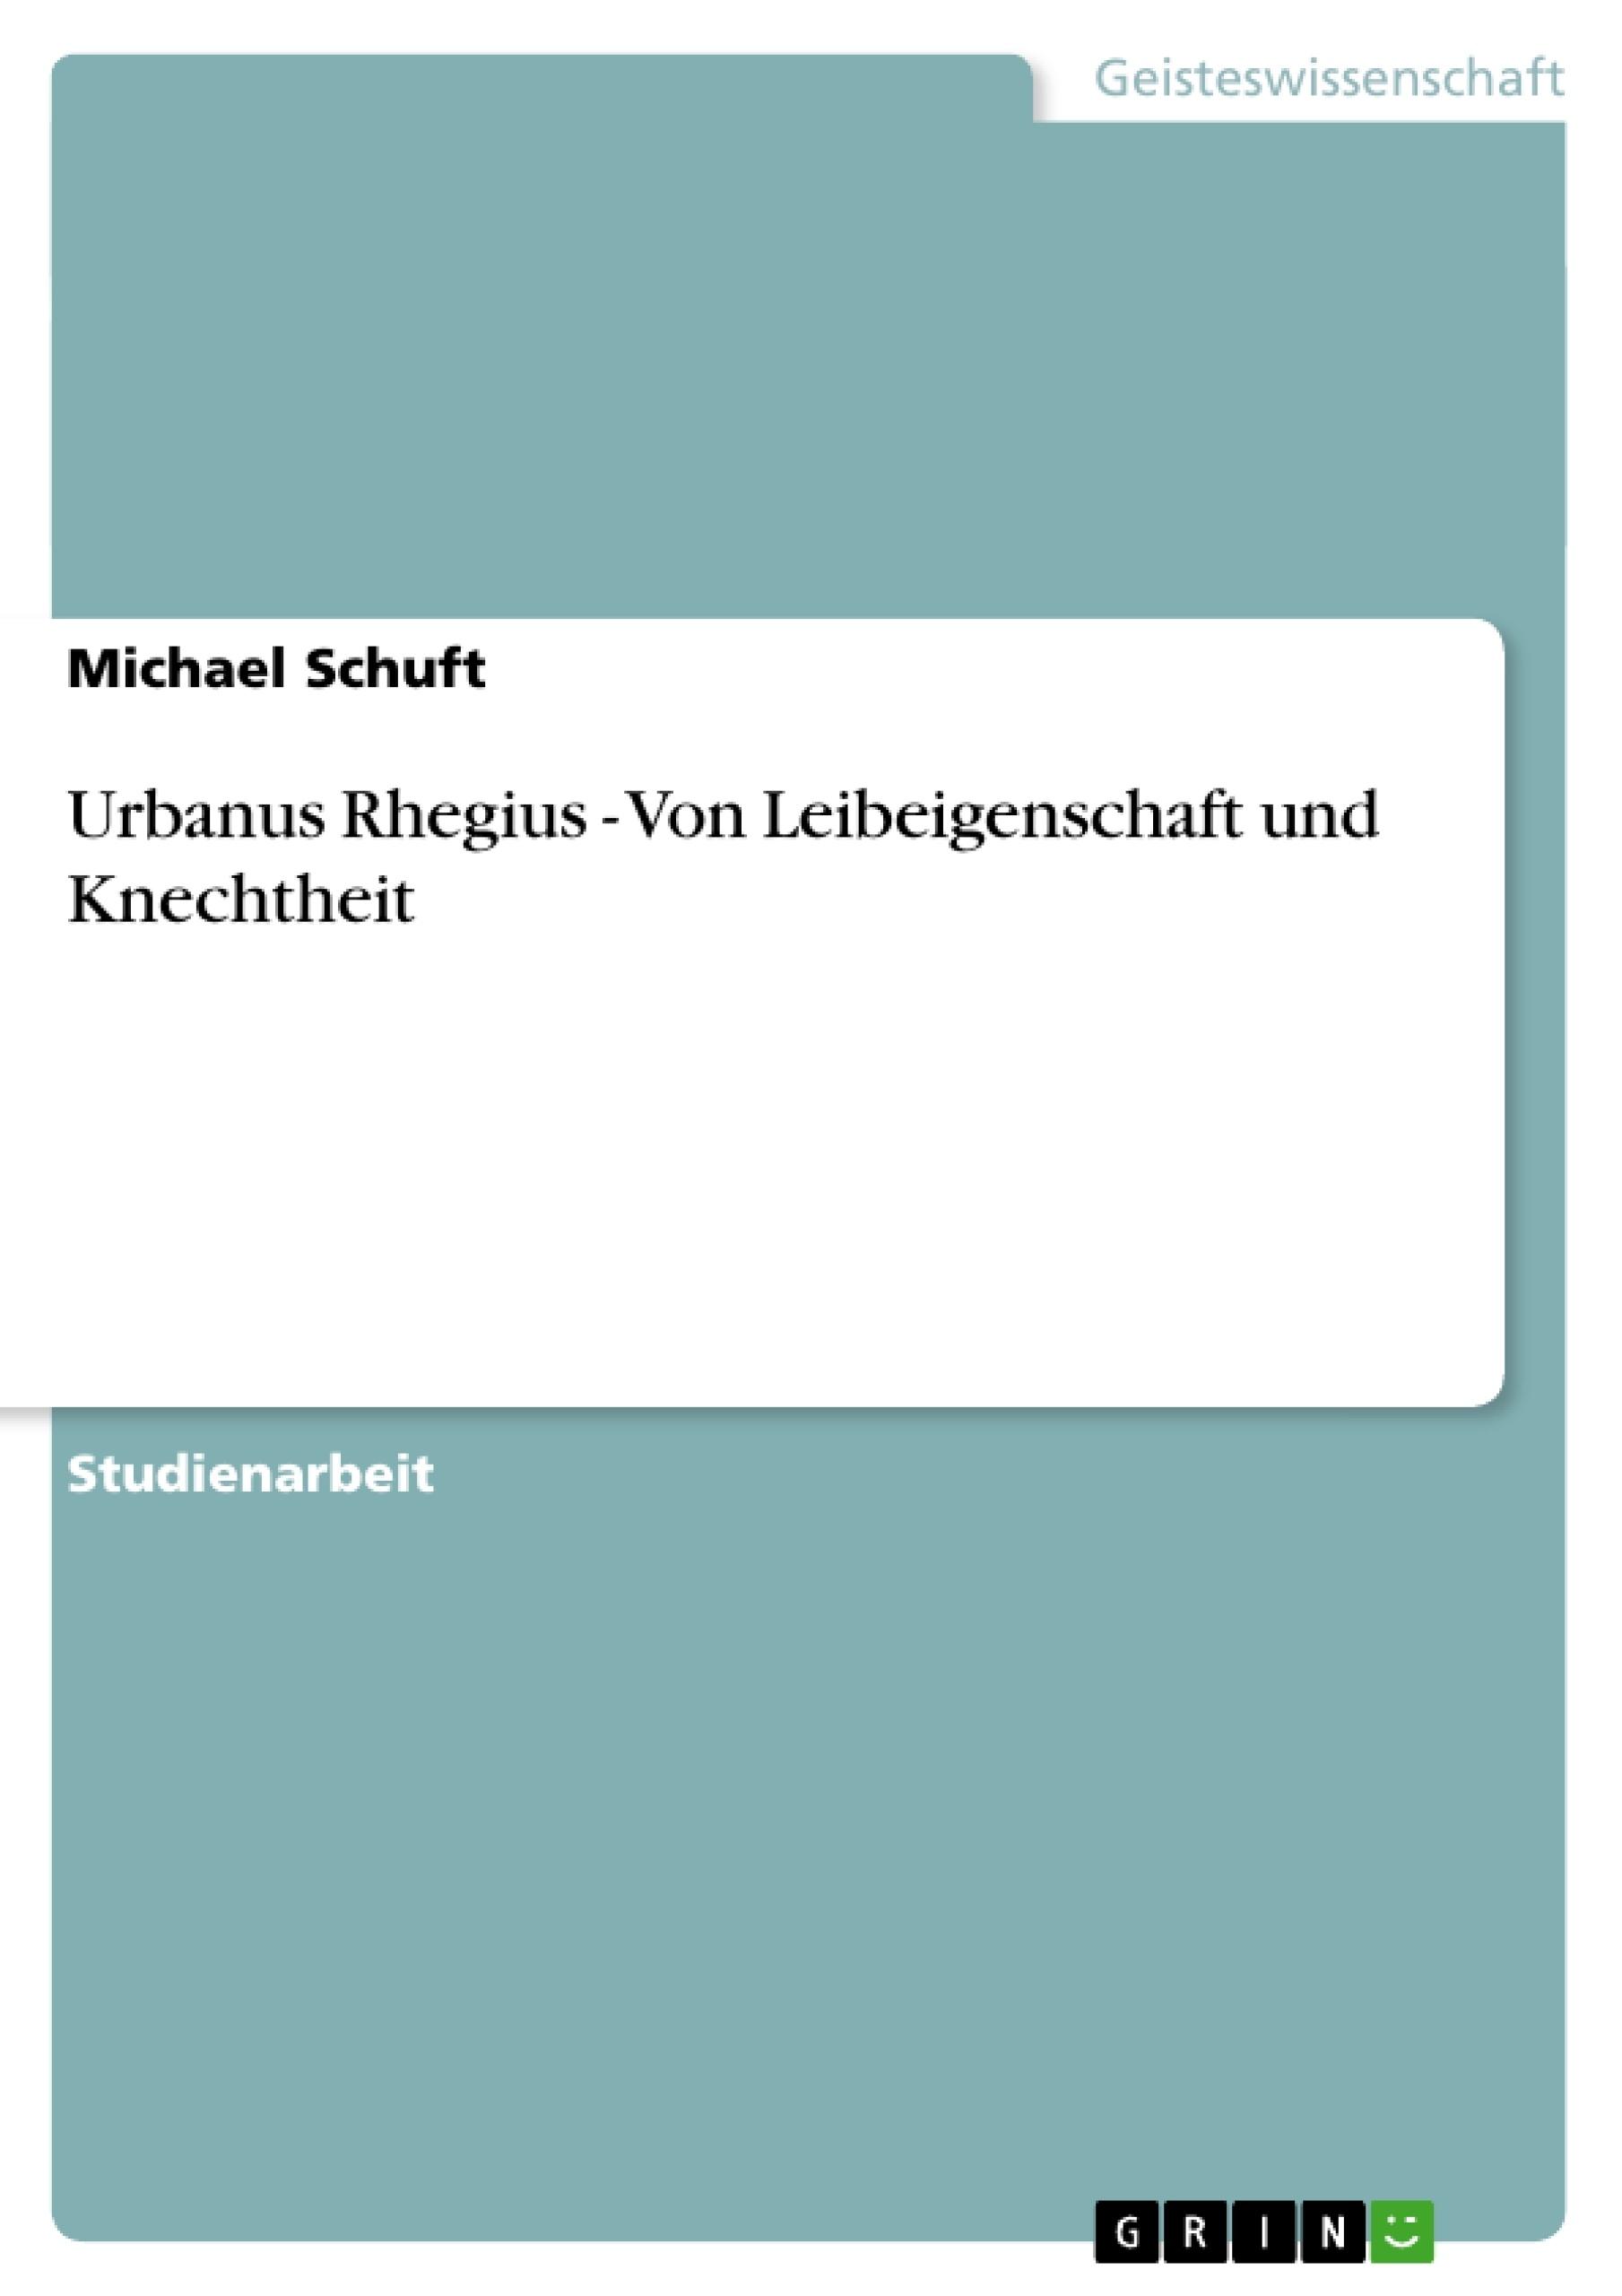 Titel: Urbanus Rhegius - Von Leibeigenschaft und Knechtheit